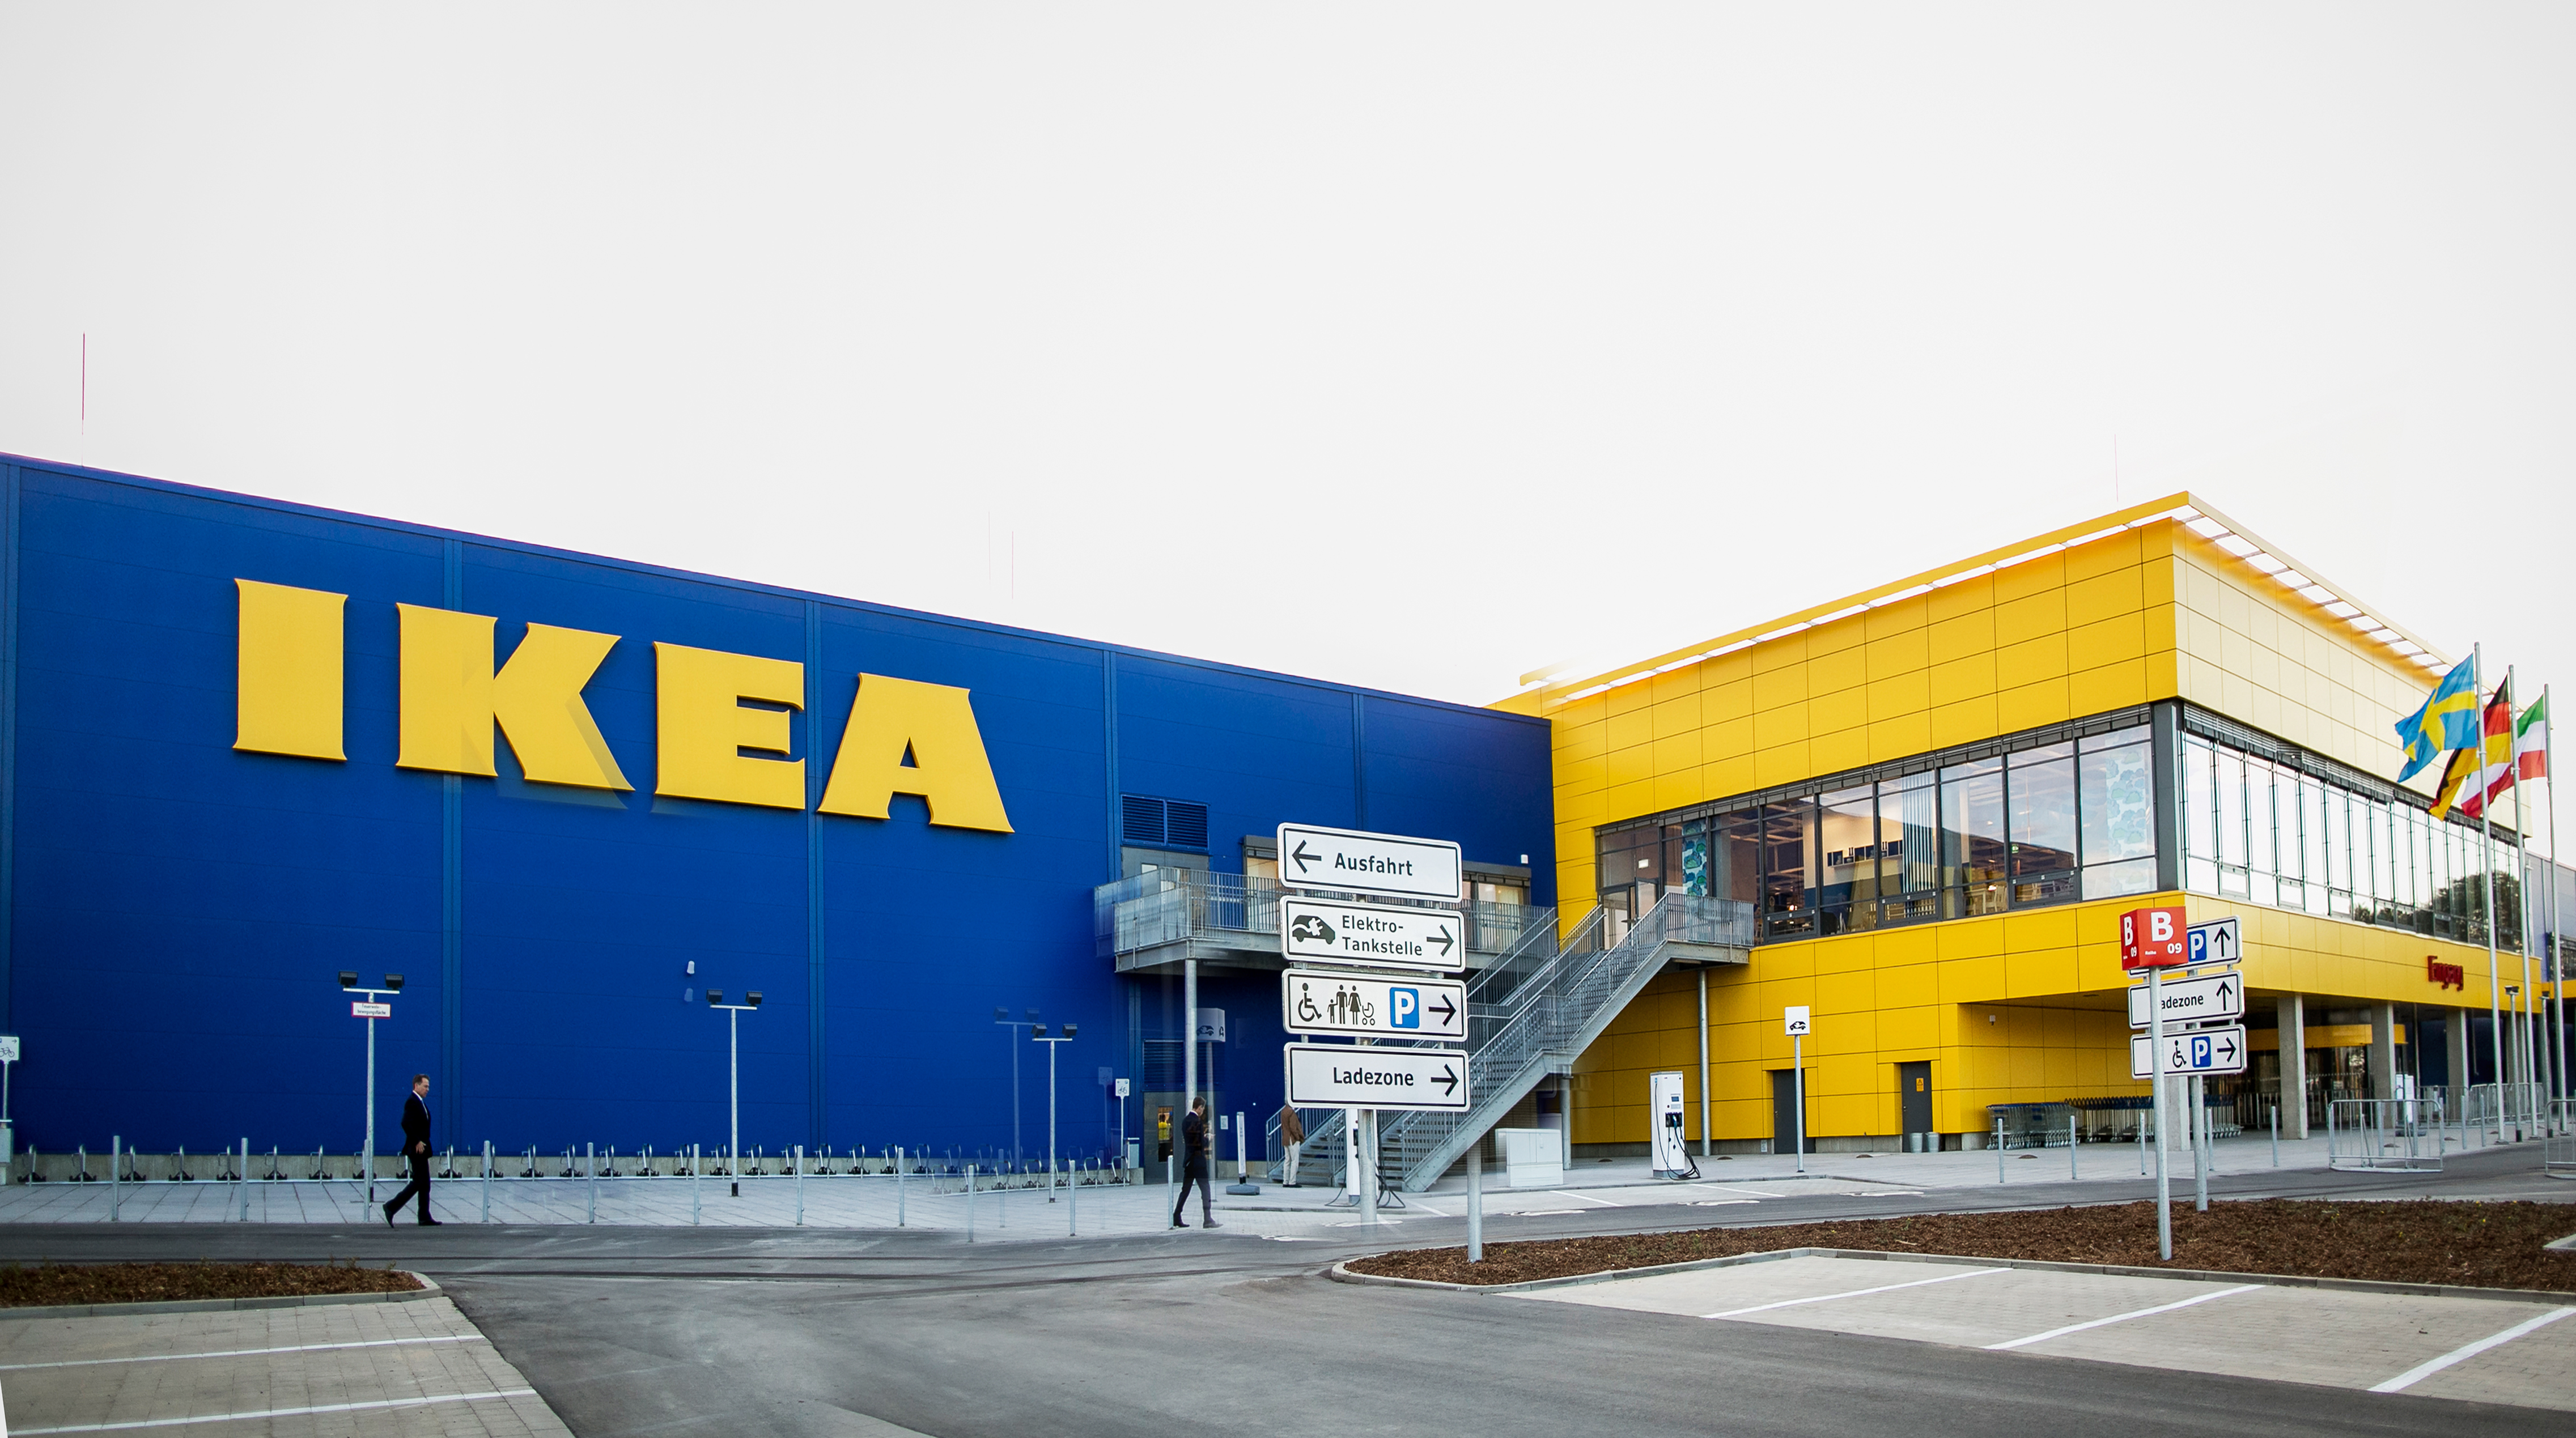 ihr macht ja sachen wir auch ikea er ffnet 51 deutsches einrichtungshaus in wuppertal. Black Bedroom Furniture Sets. Home Design Ideas